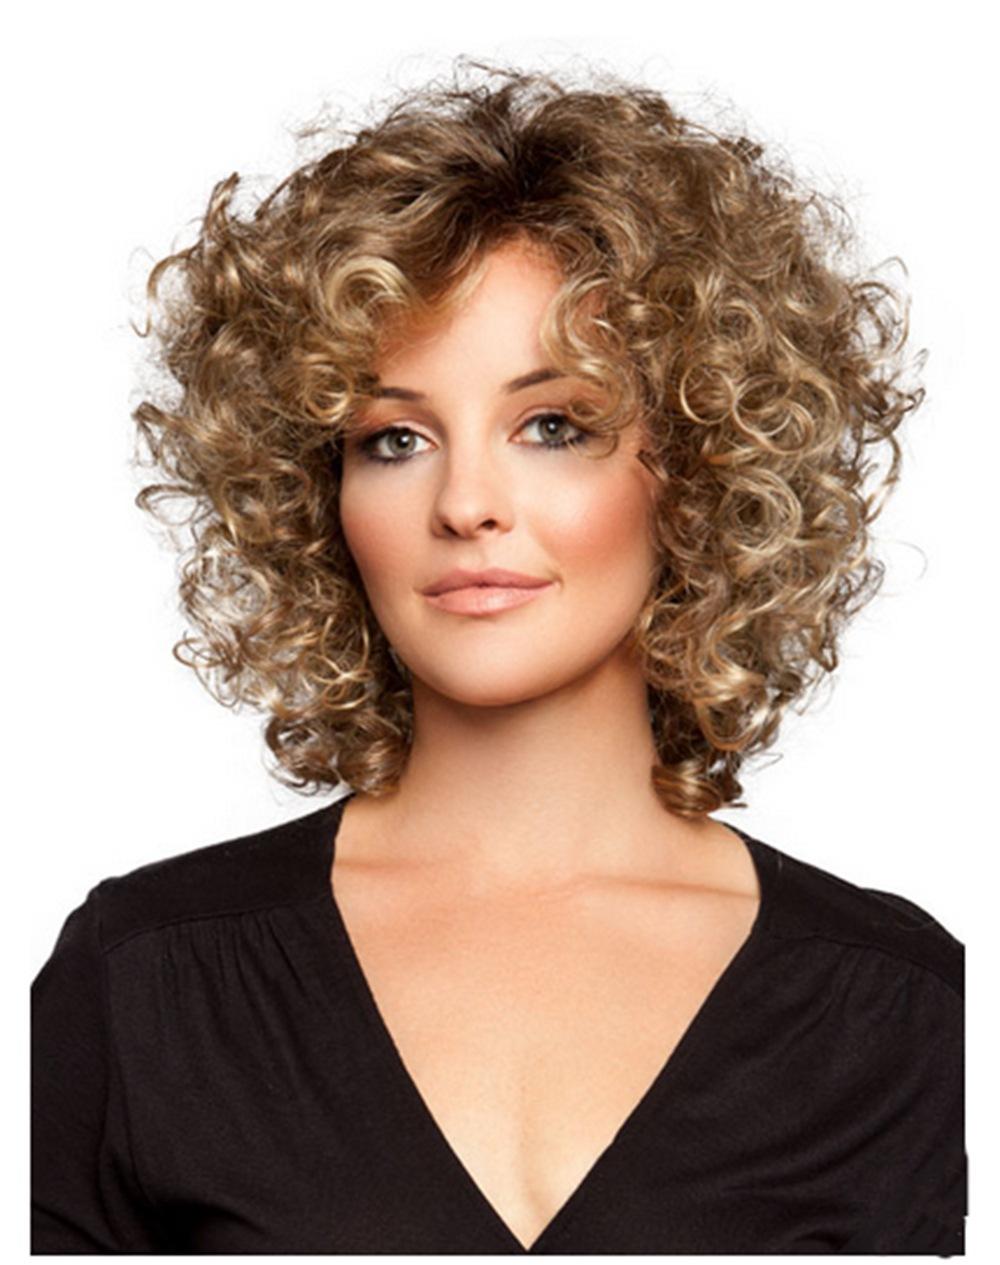 Стрижки на вьющиеся волосы фото 2016 фото для девушек